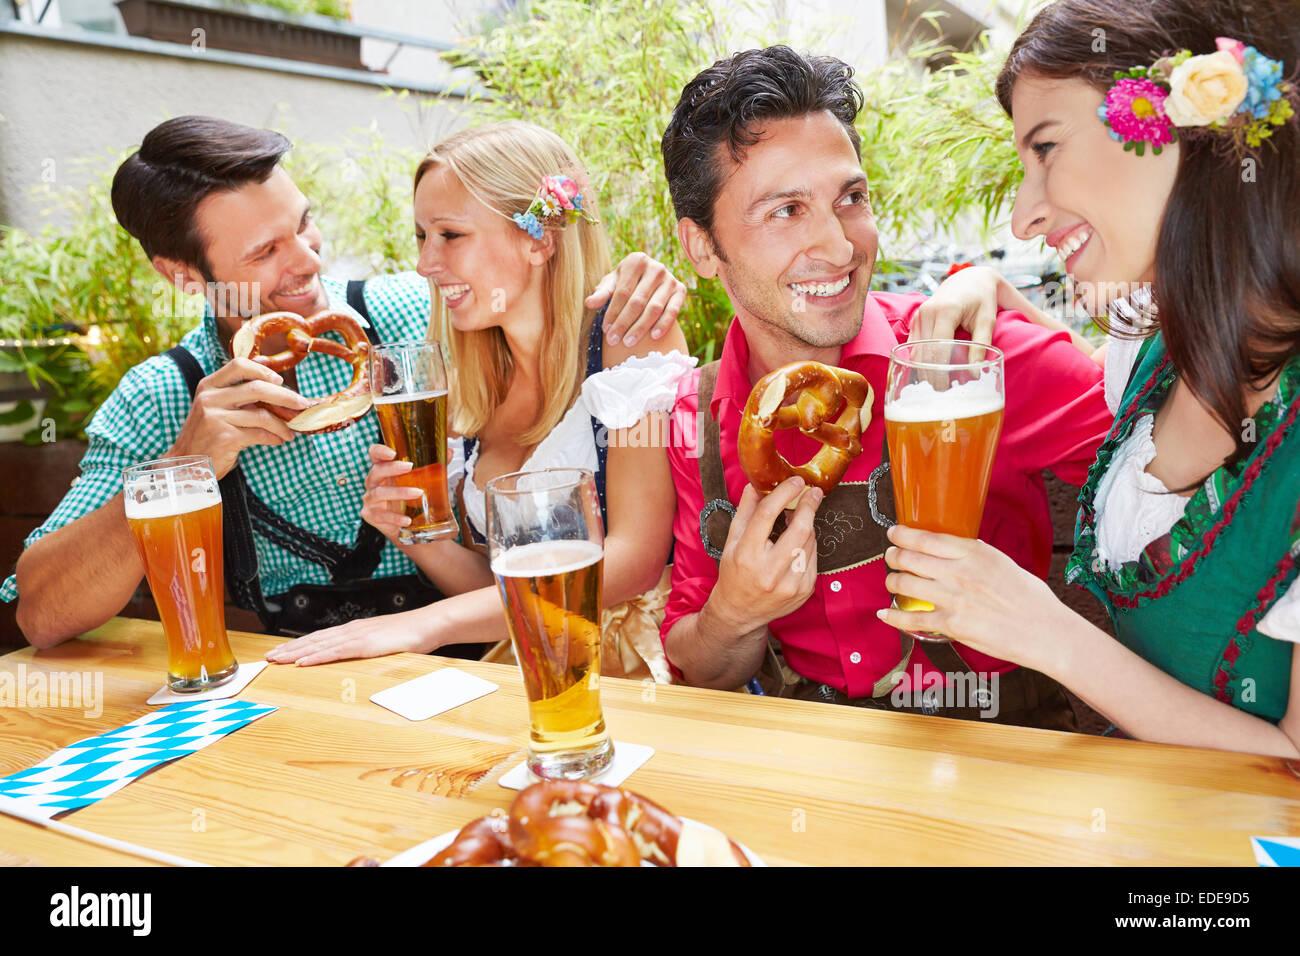 Hombres y mujeres coqueteando en el jardín de la cerveza bávara en verano Imagen De Stock